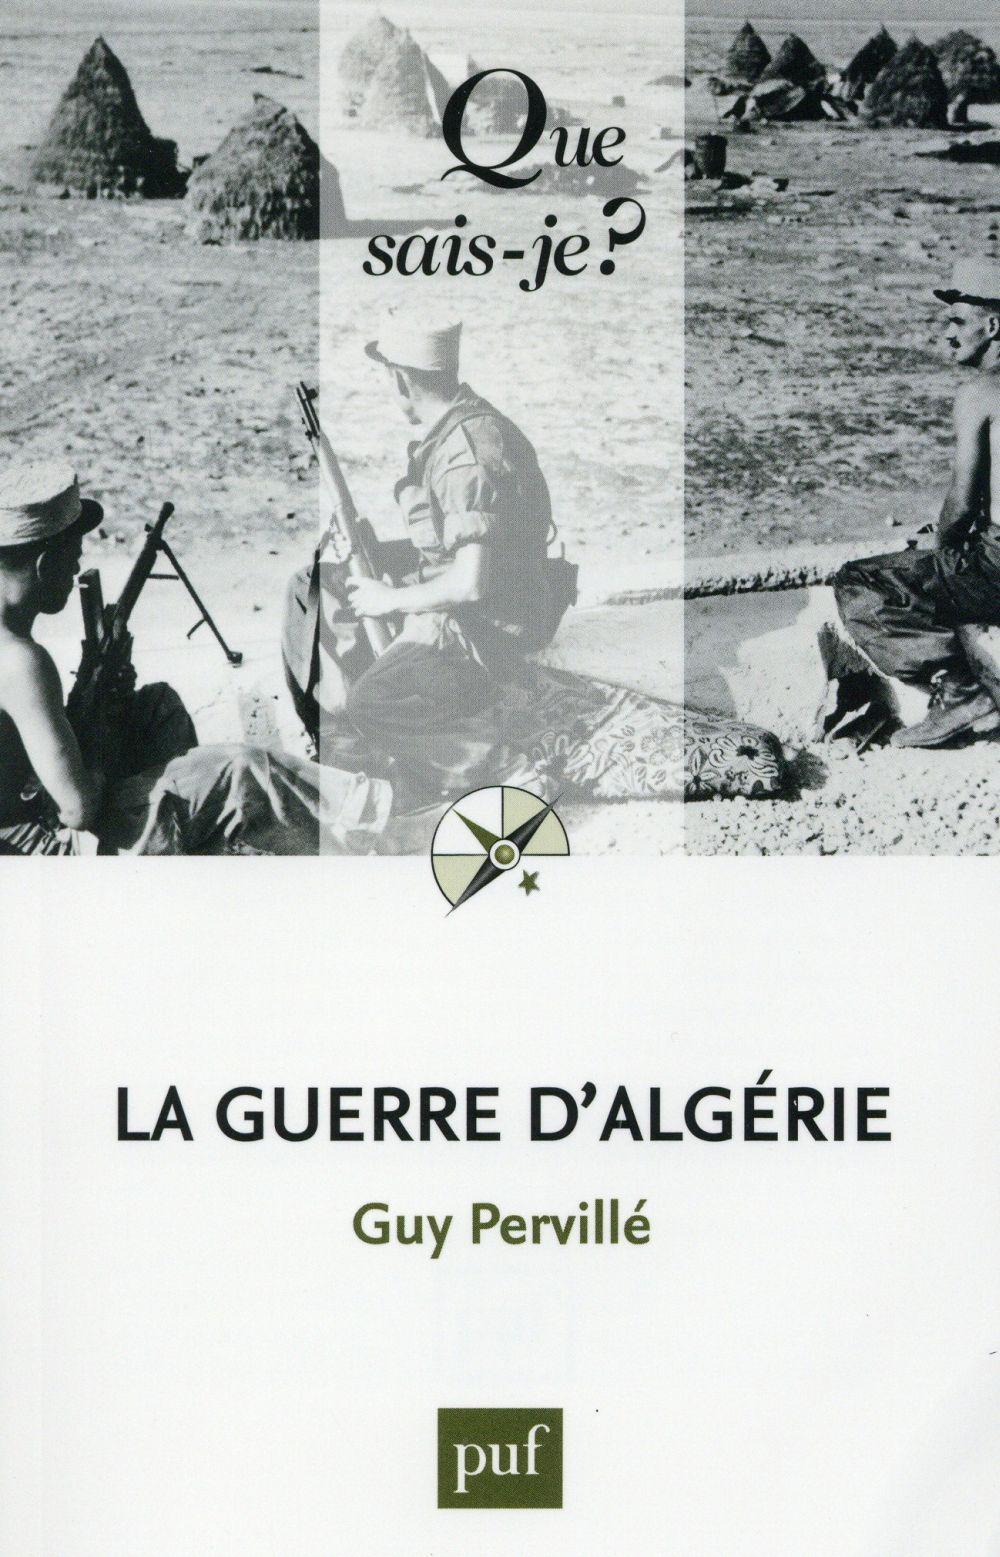 Pervillé Guy - LA GUERRE D'ALGERIE